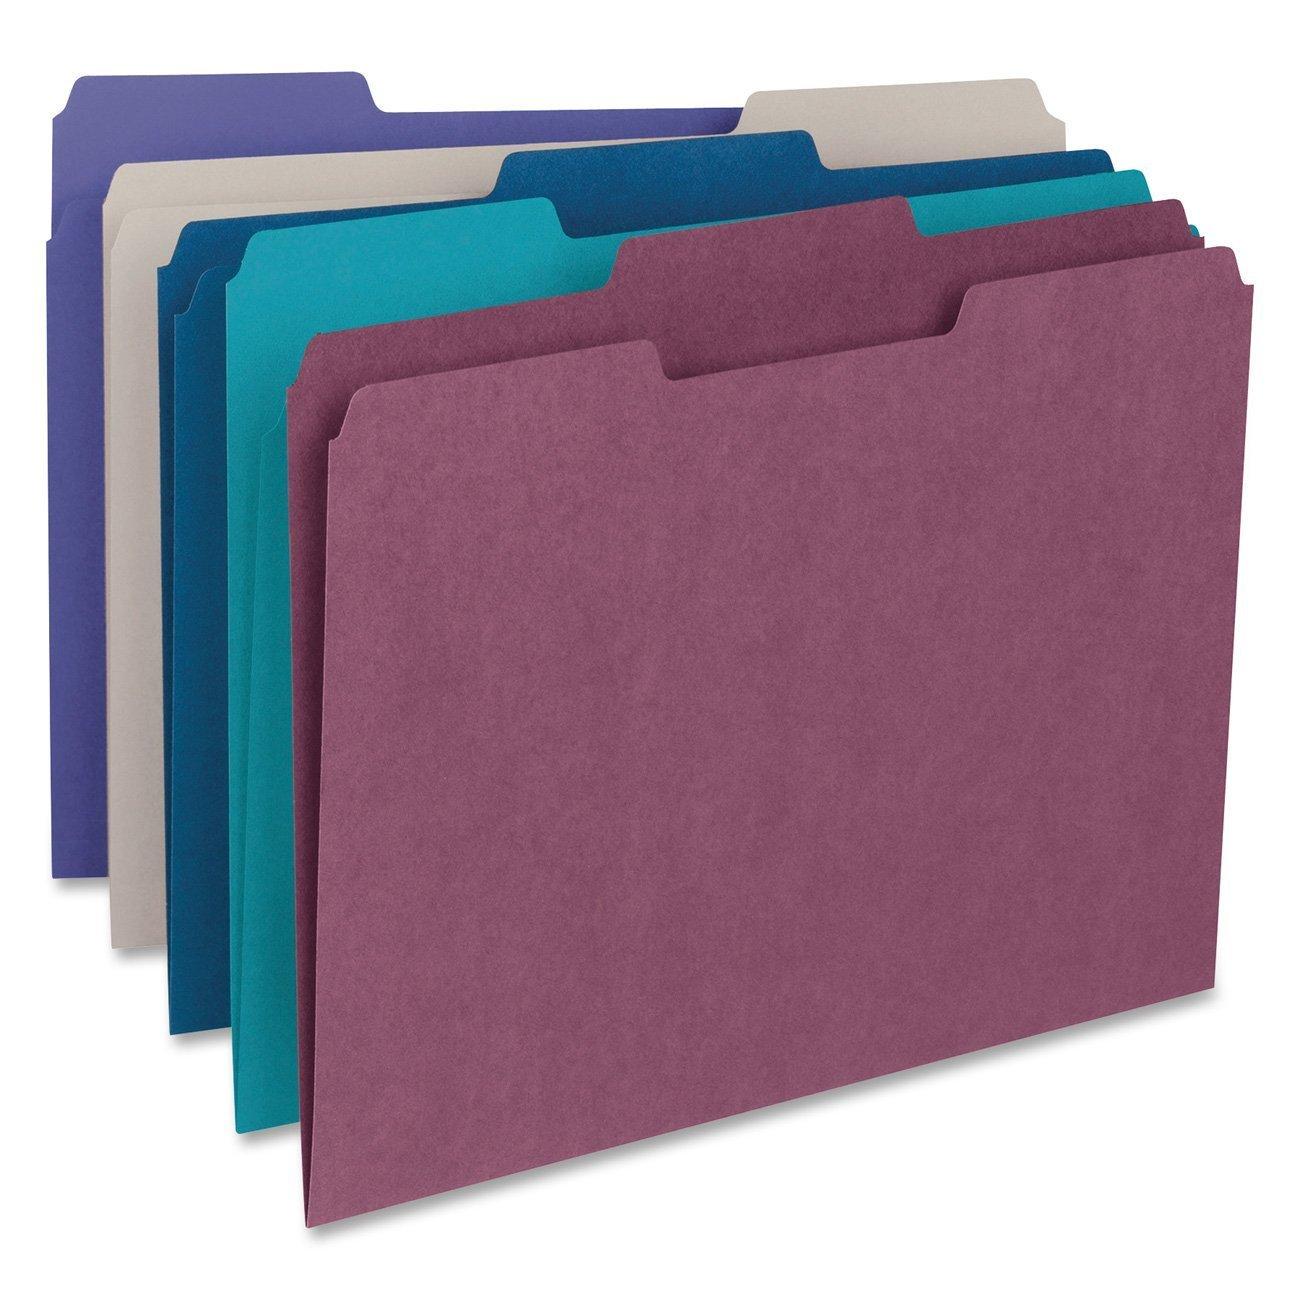 Smead 1/3-Cut File Folders, Letter Size, White, 100 Per Box (12843)